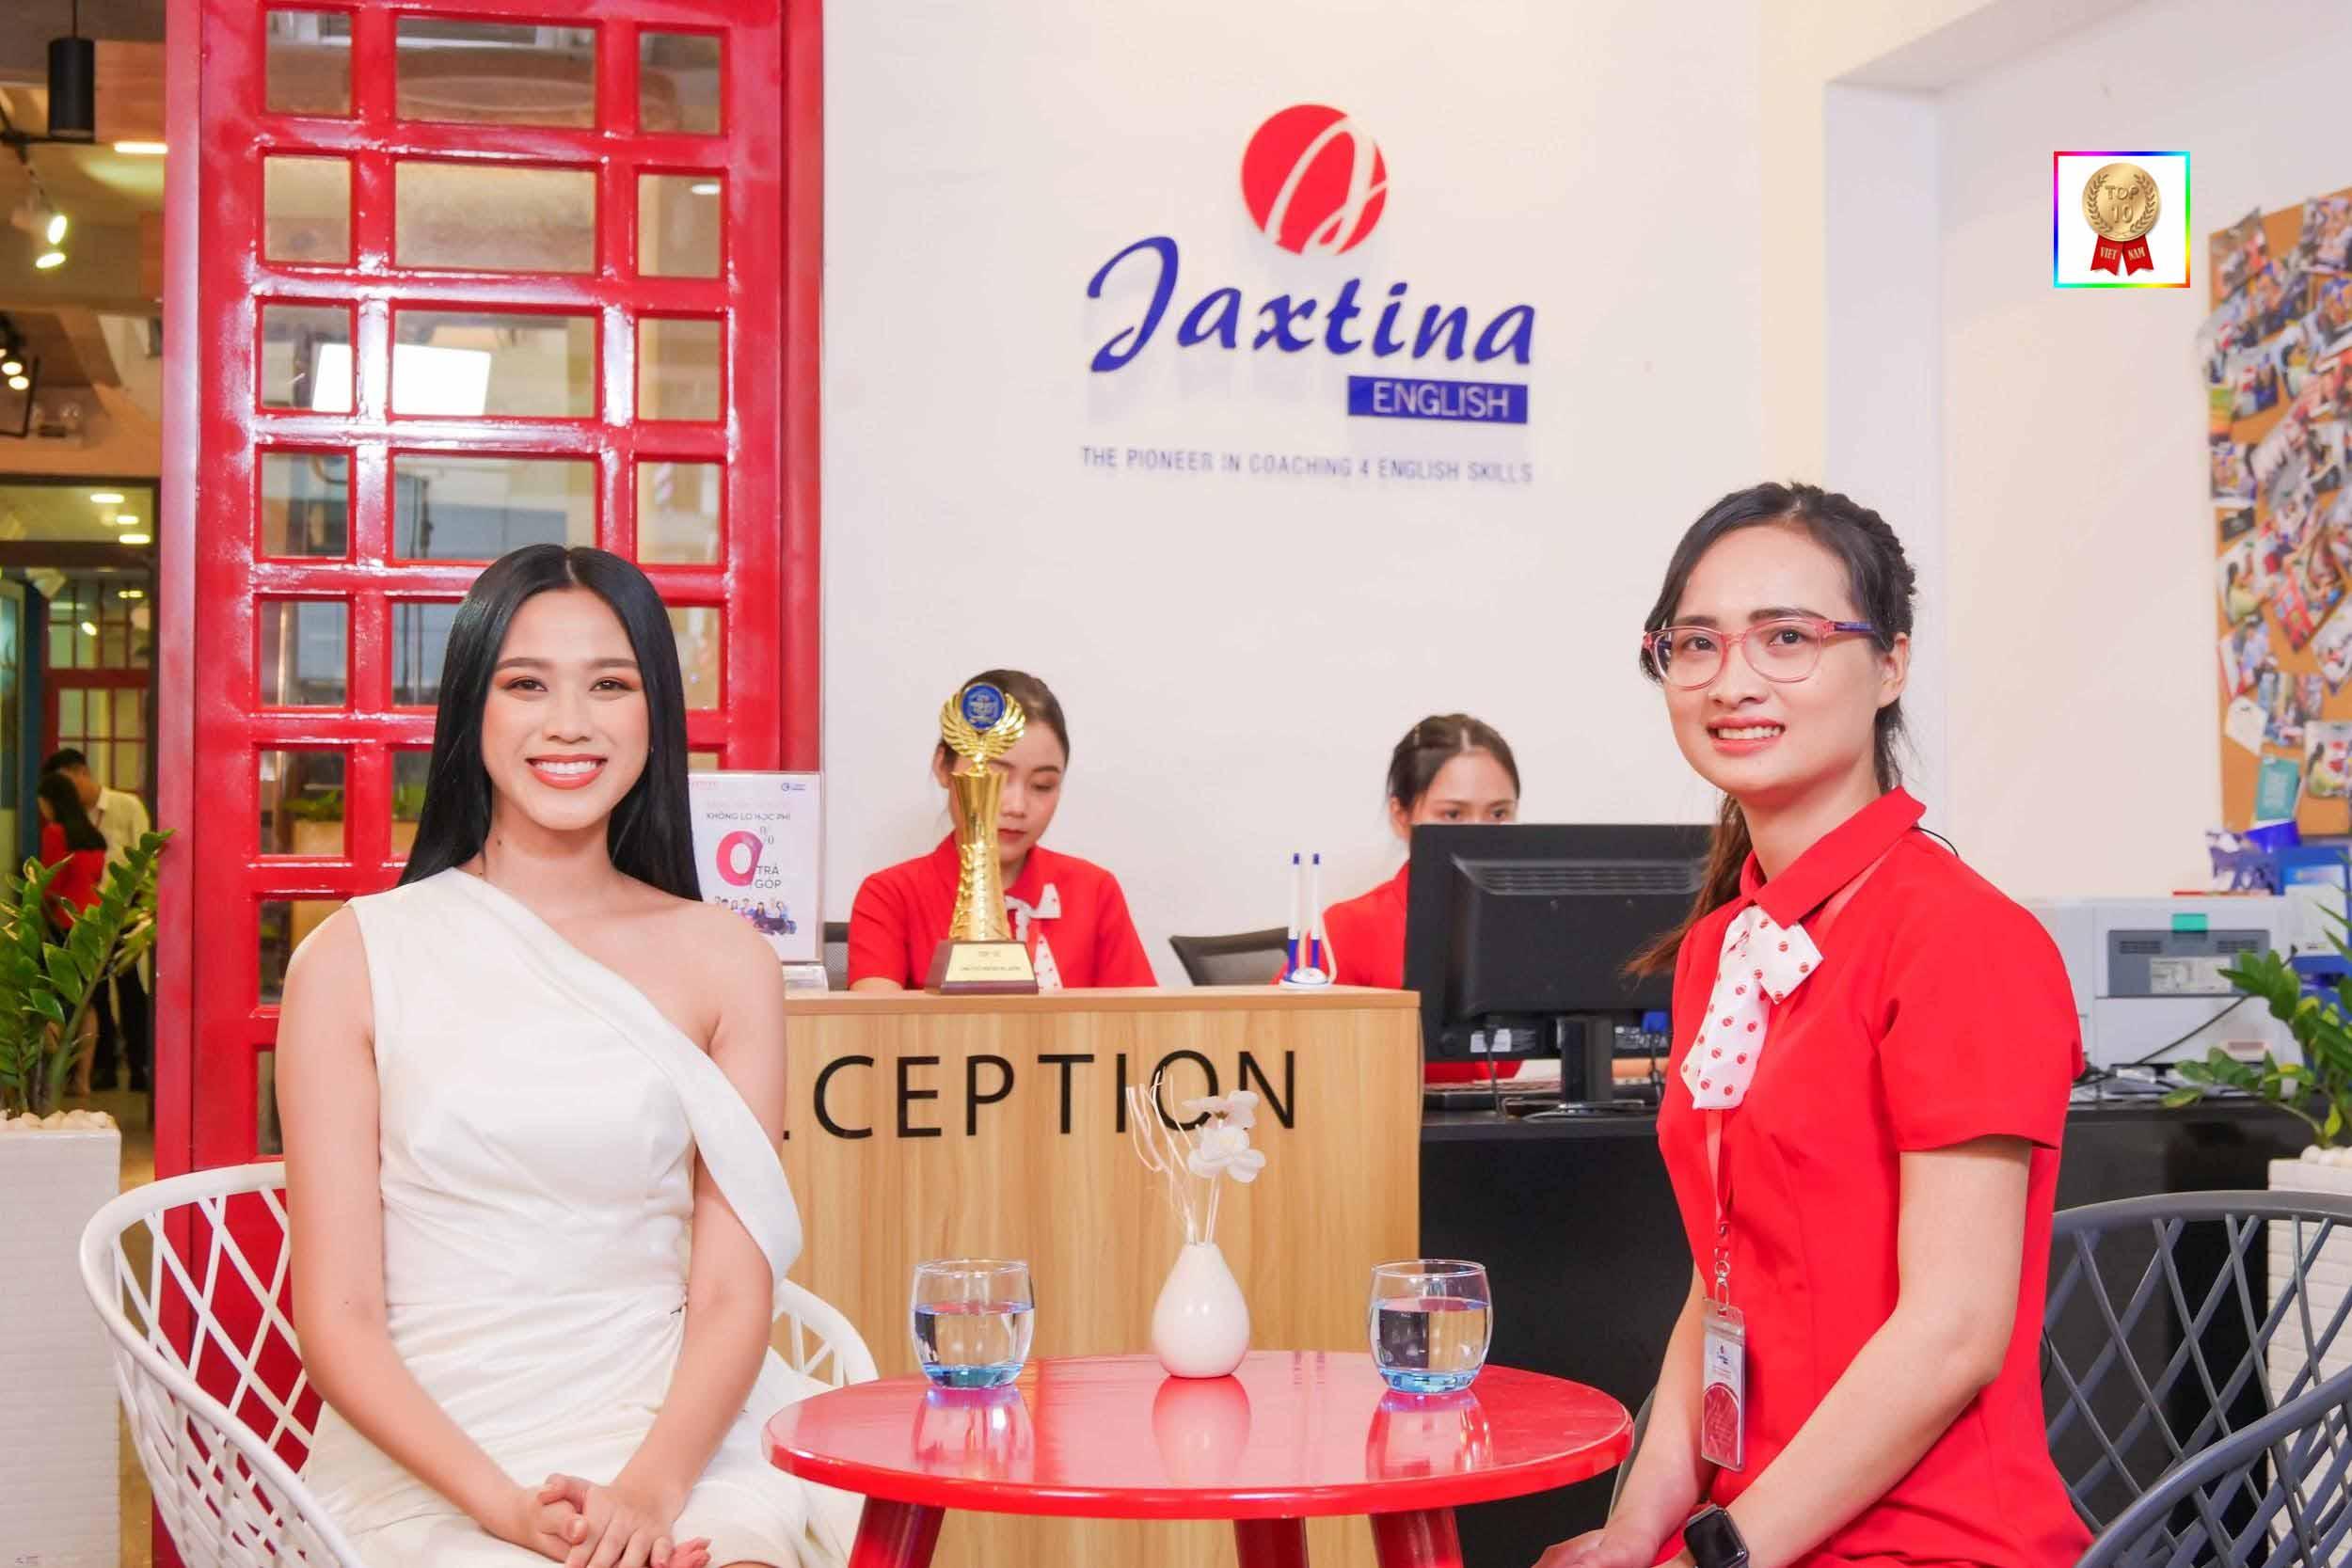 Hoa hậu Đỗ Thị Hà học tiếng Anh tại Jaxtina